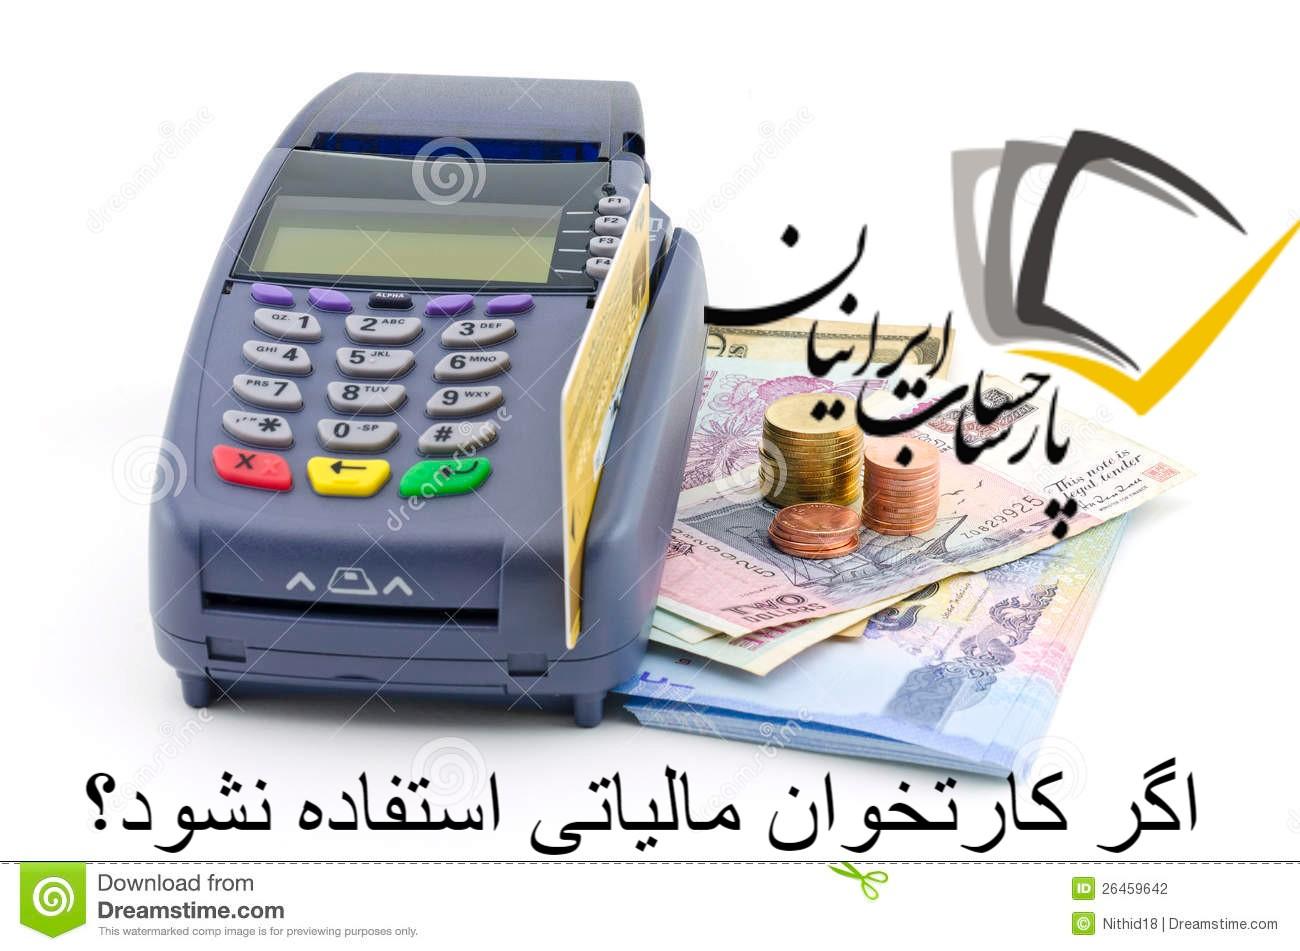 اگر کارتخوان مالیاتی استفاده نشود؟